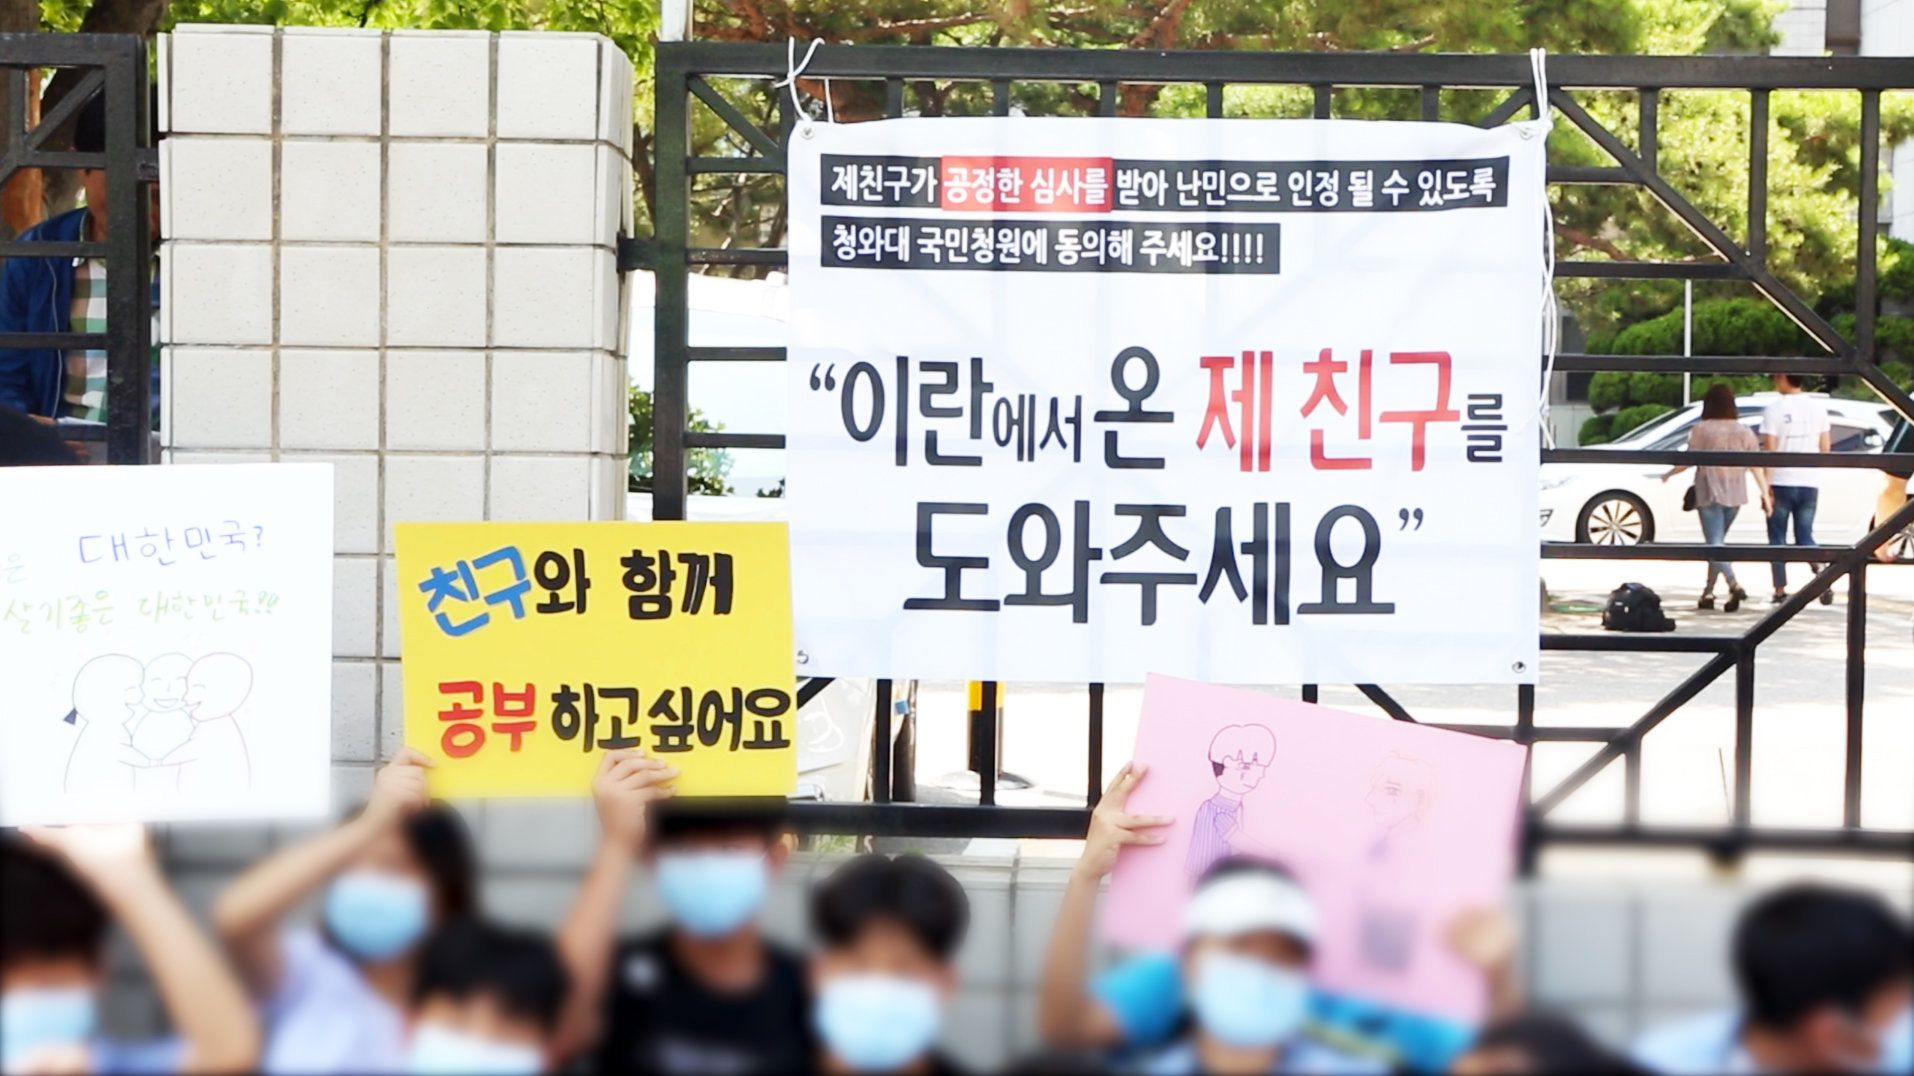 19일 오후 2시10분 서울 신정동 서울출입국·외국인청 앞에서 중학생 40여명이 모여 A군 난민인정을 호소하는 집회를 열었다.